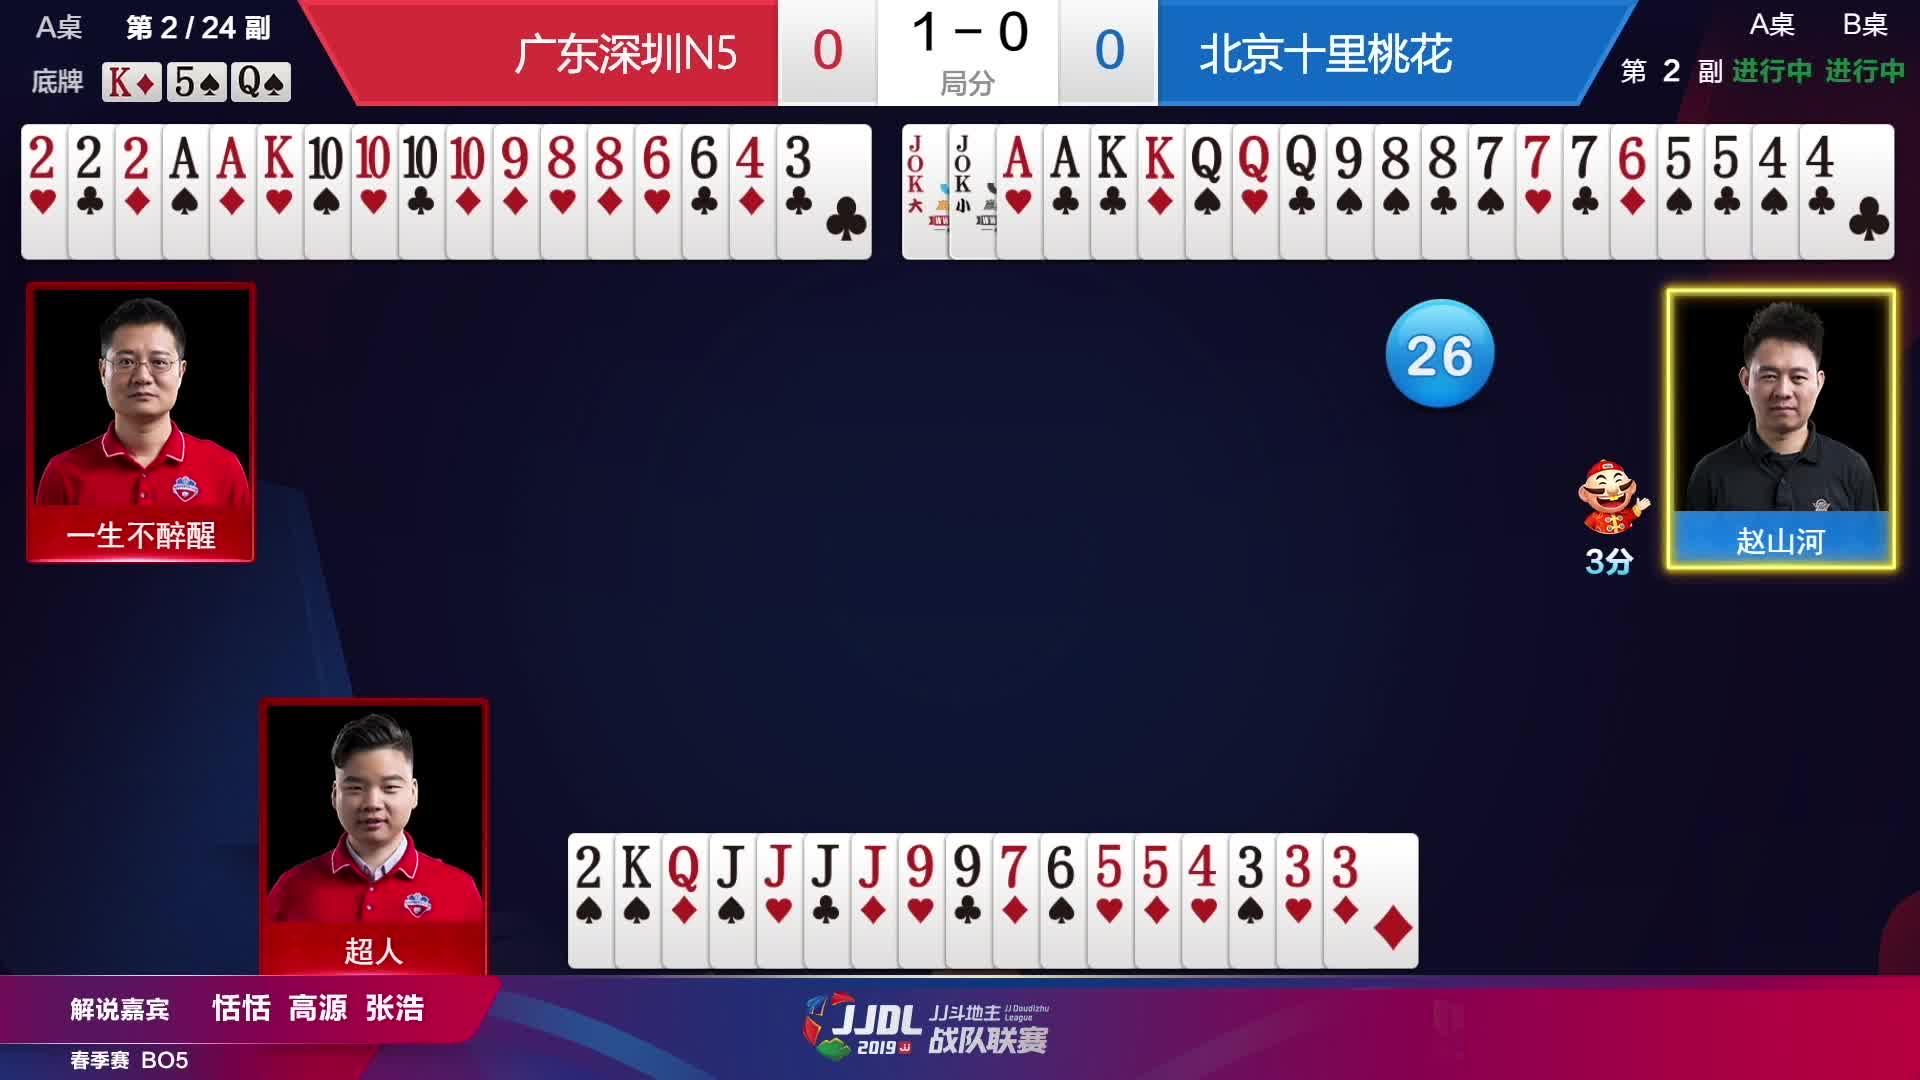 斗地主:JJJJ vs 10101010 vs 火箭 全屏炸弹血拼,这把牌分要爆